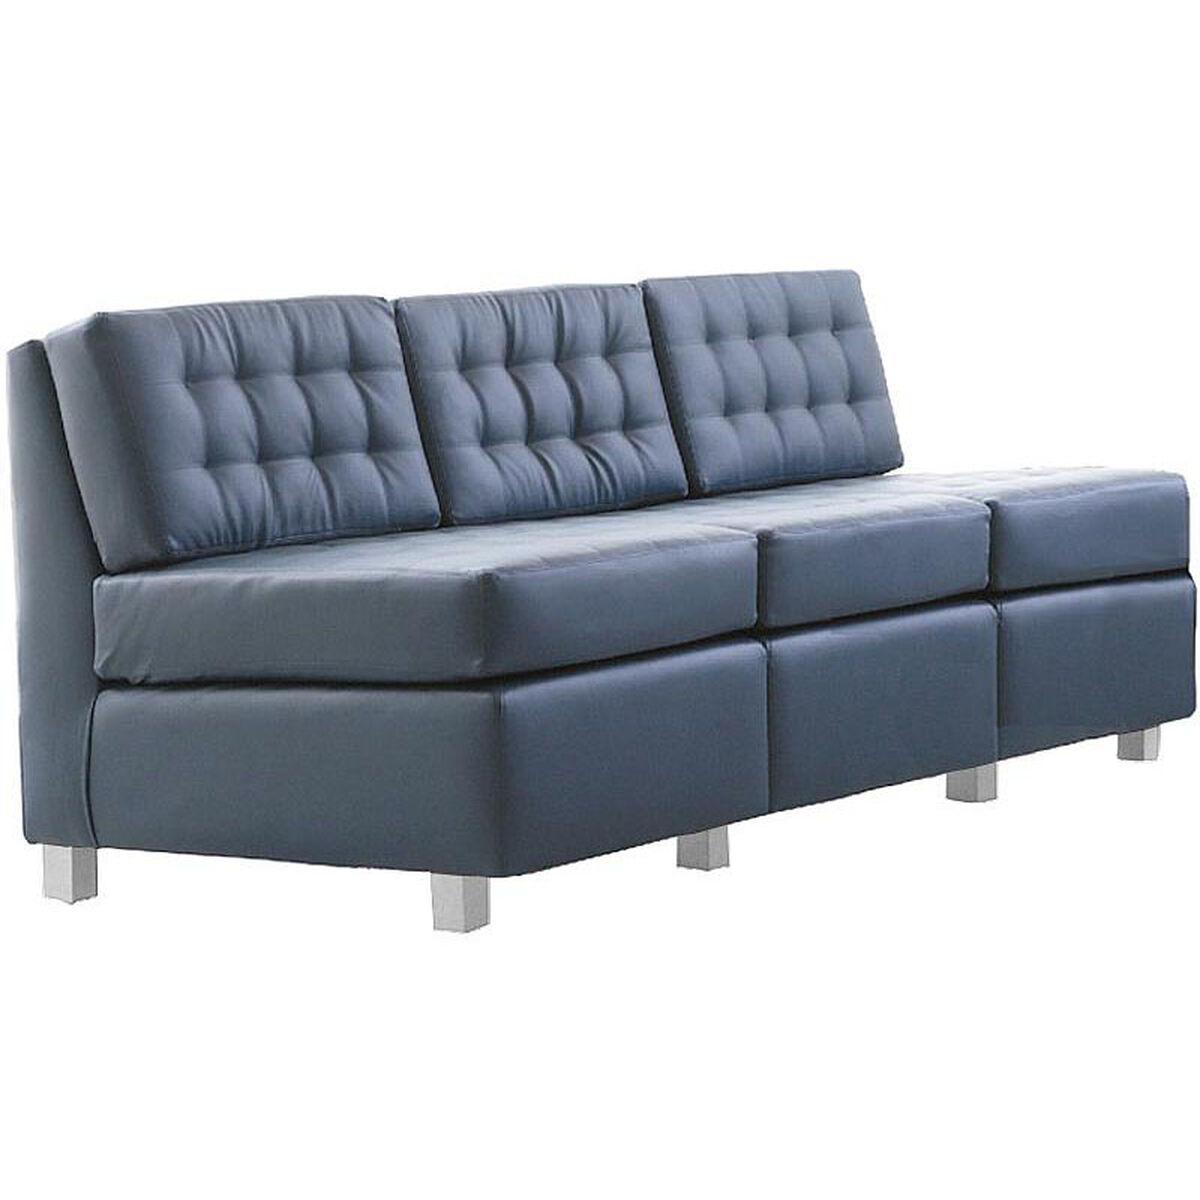 High Point Furniture Industries 156met Hpf 156met